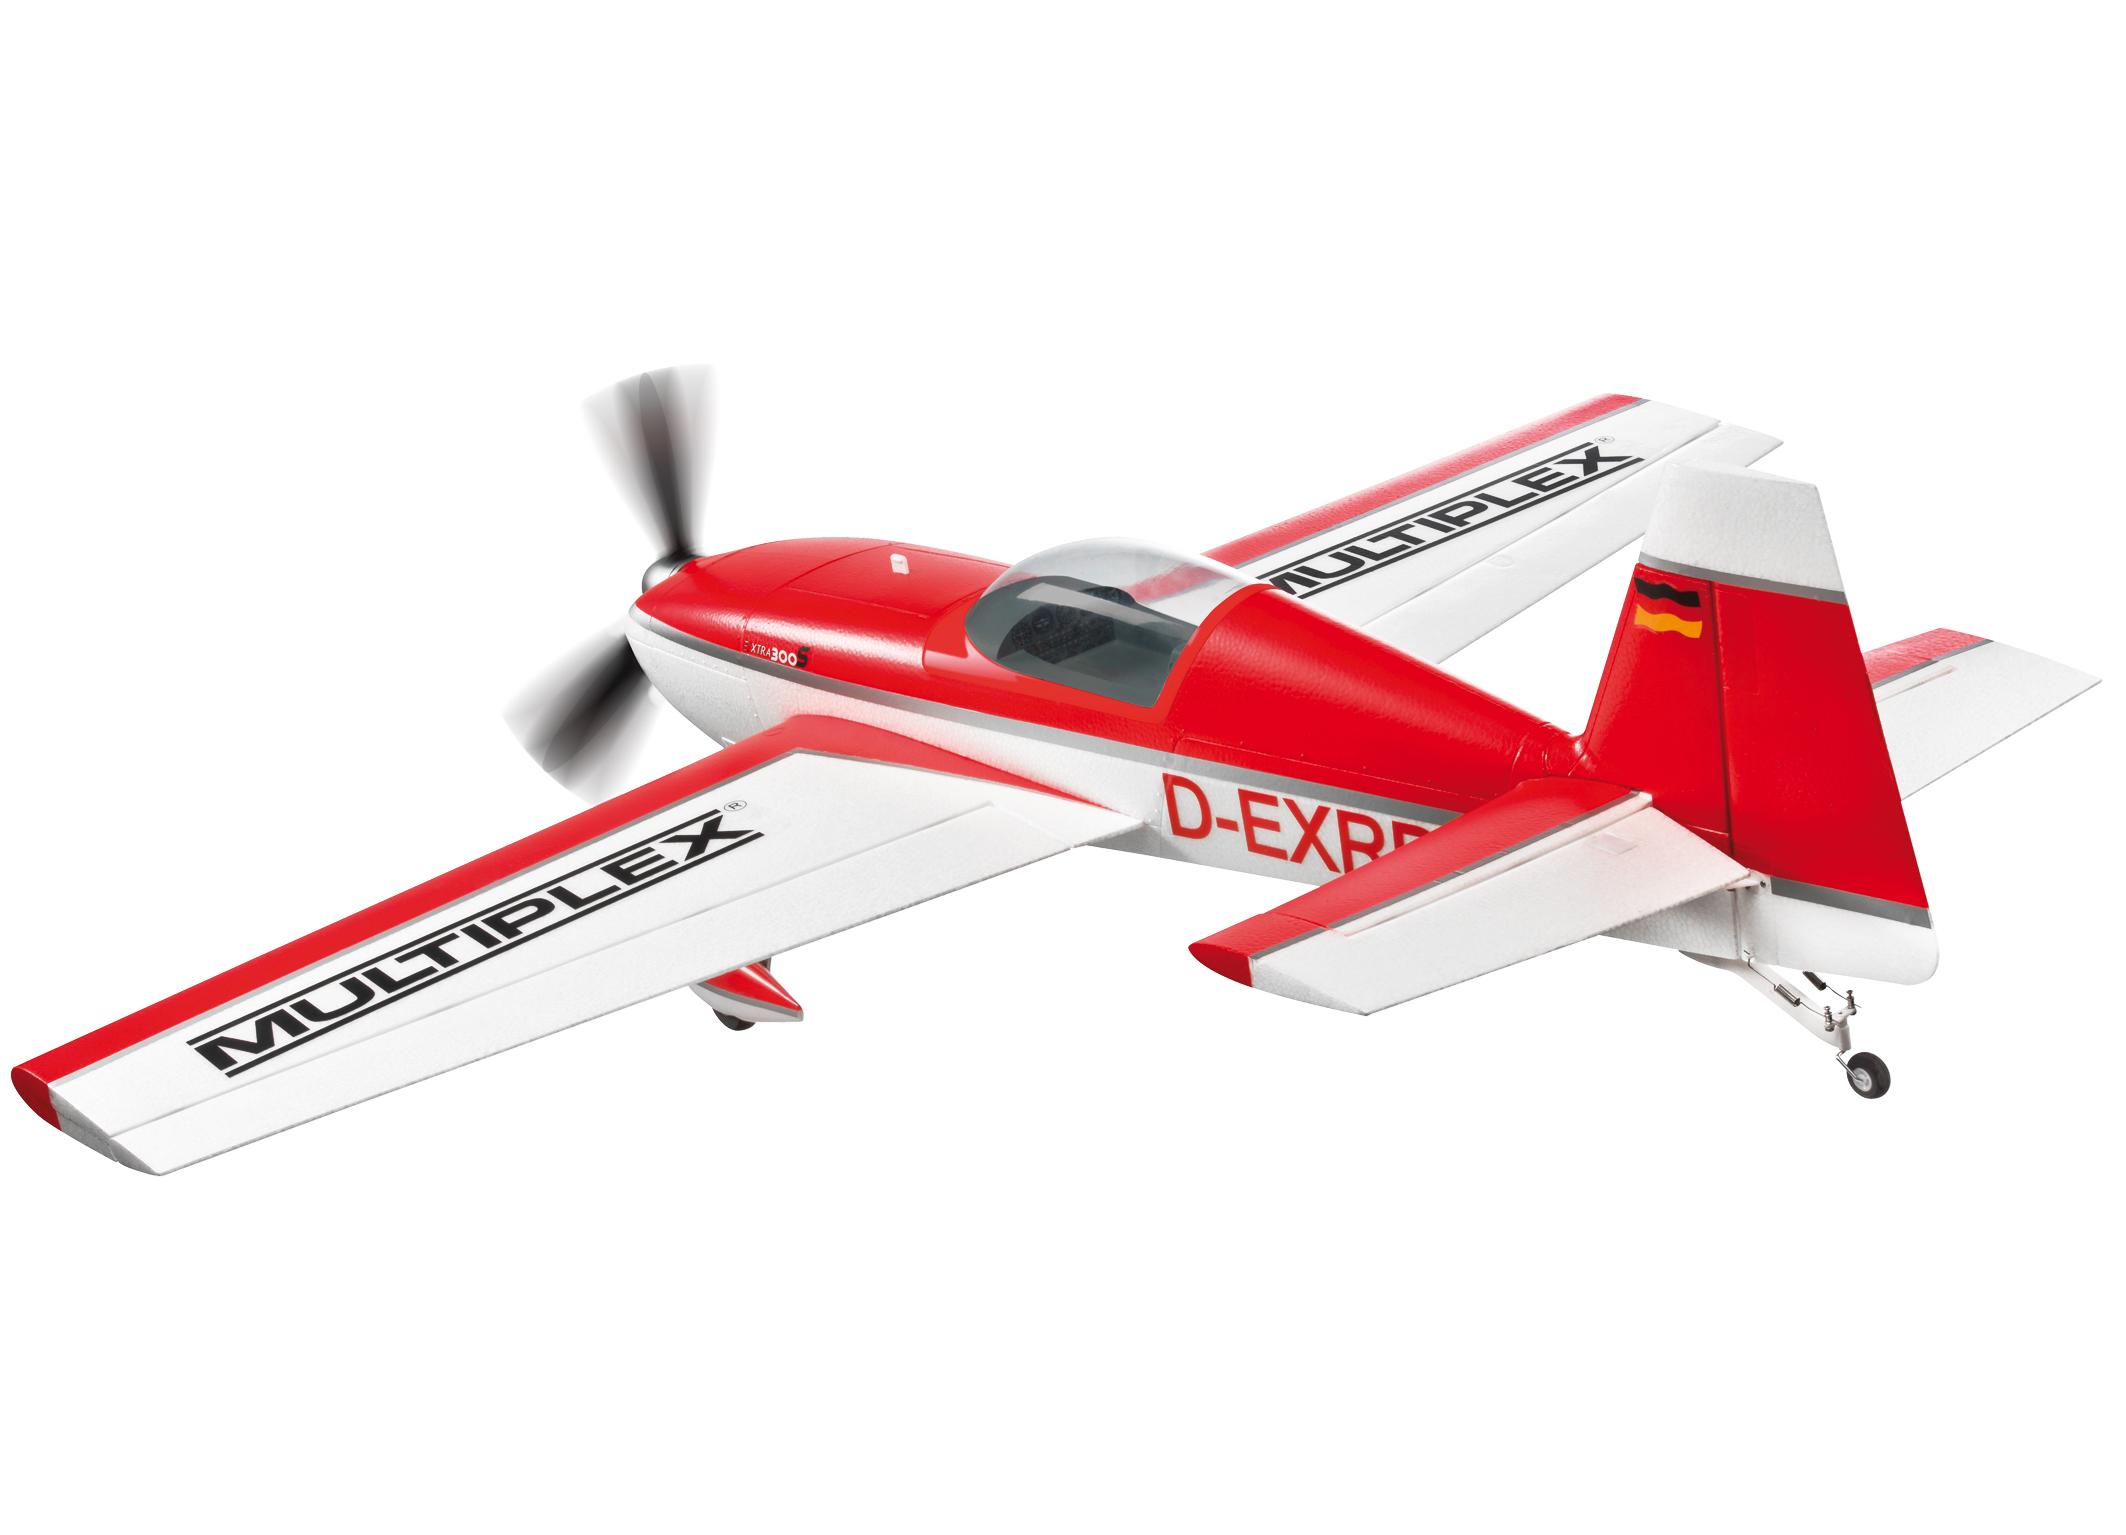 Multiplex RR Extra 300 S